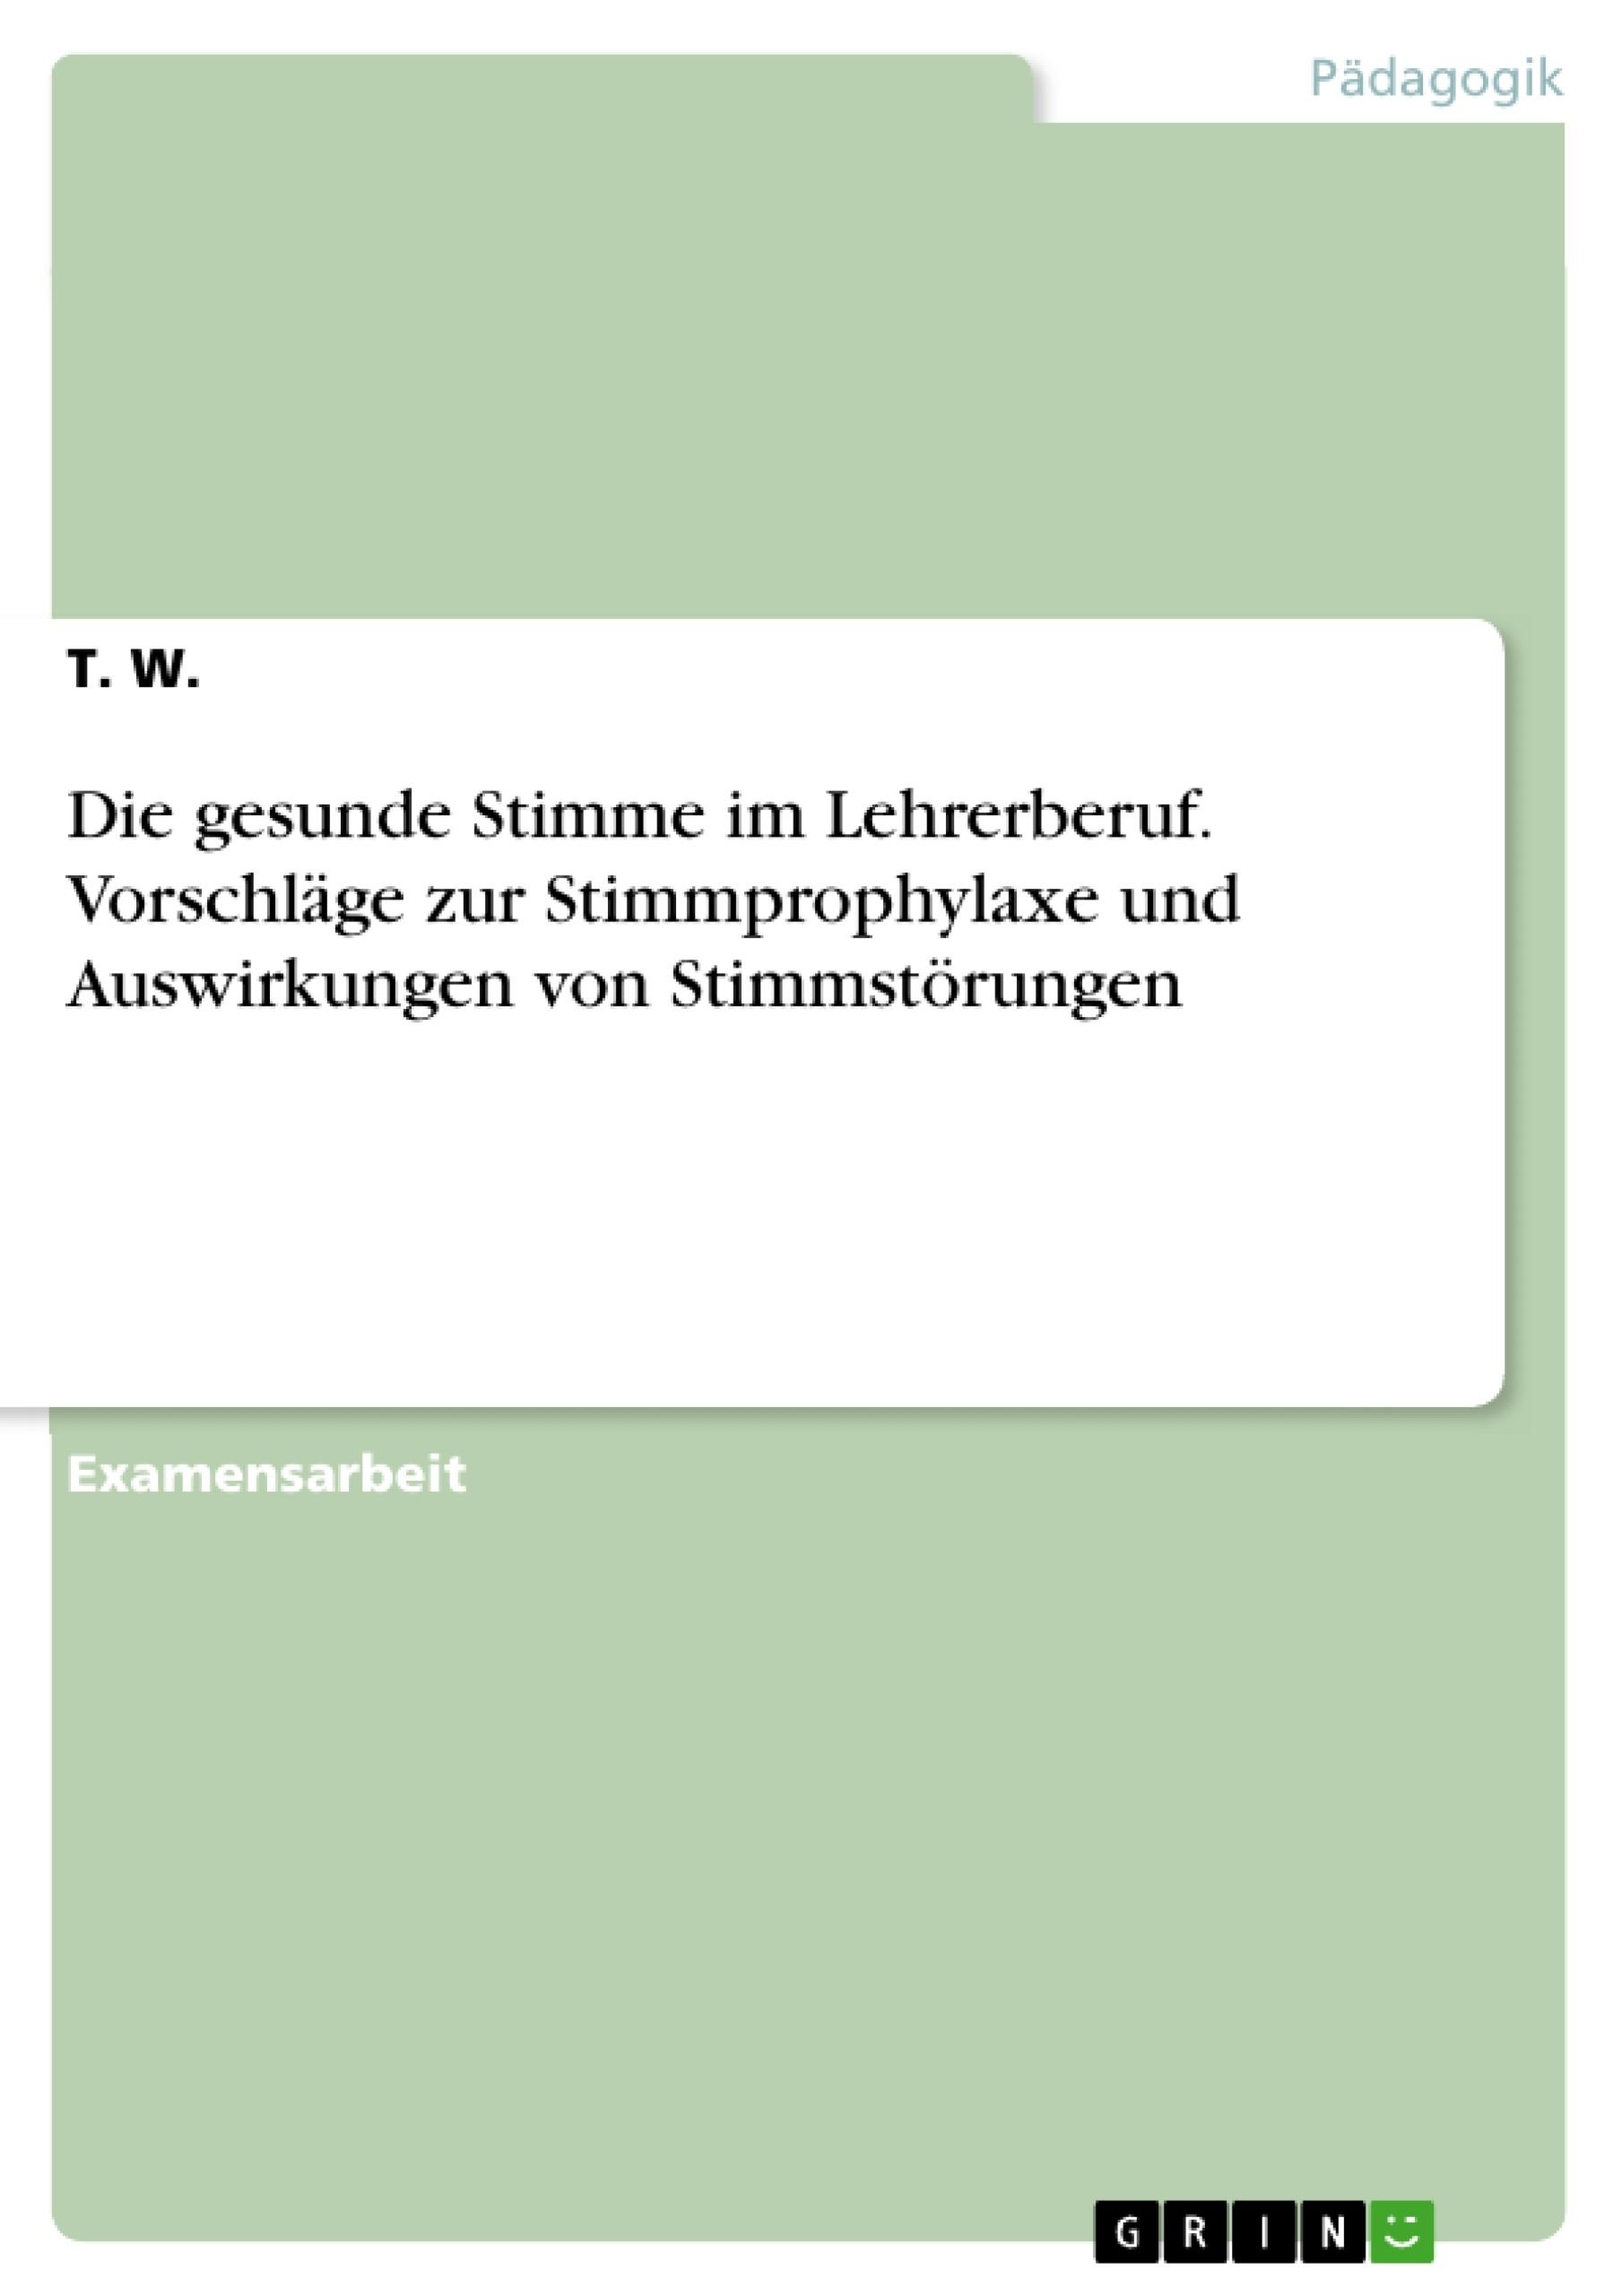 Großartig Anatomie Der Stimme Zeitgenössisch - Menschliche Anatomie ...